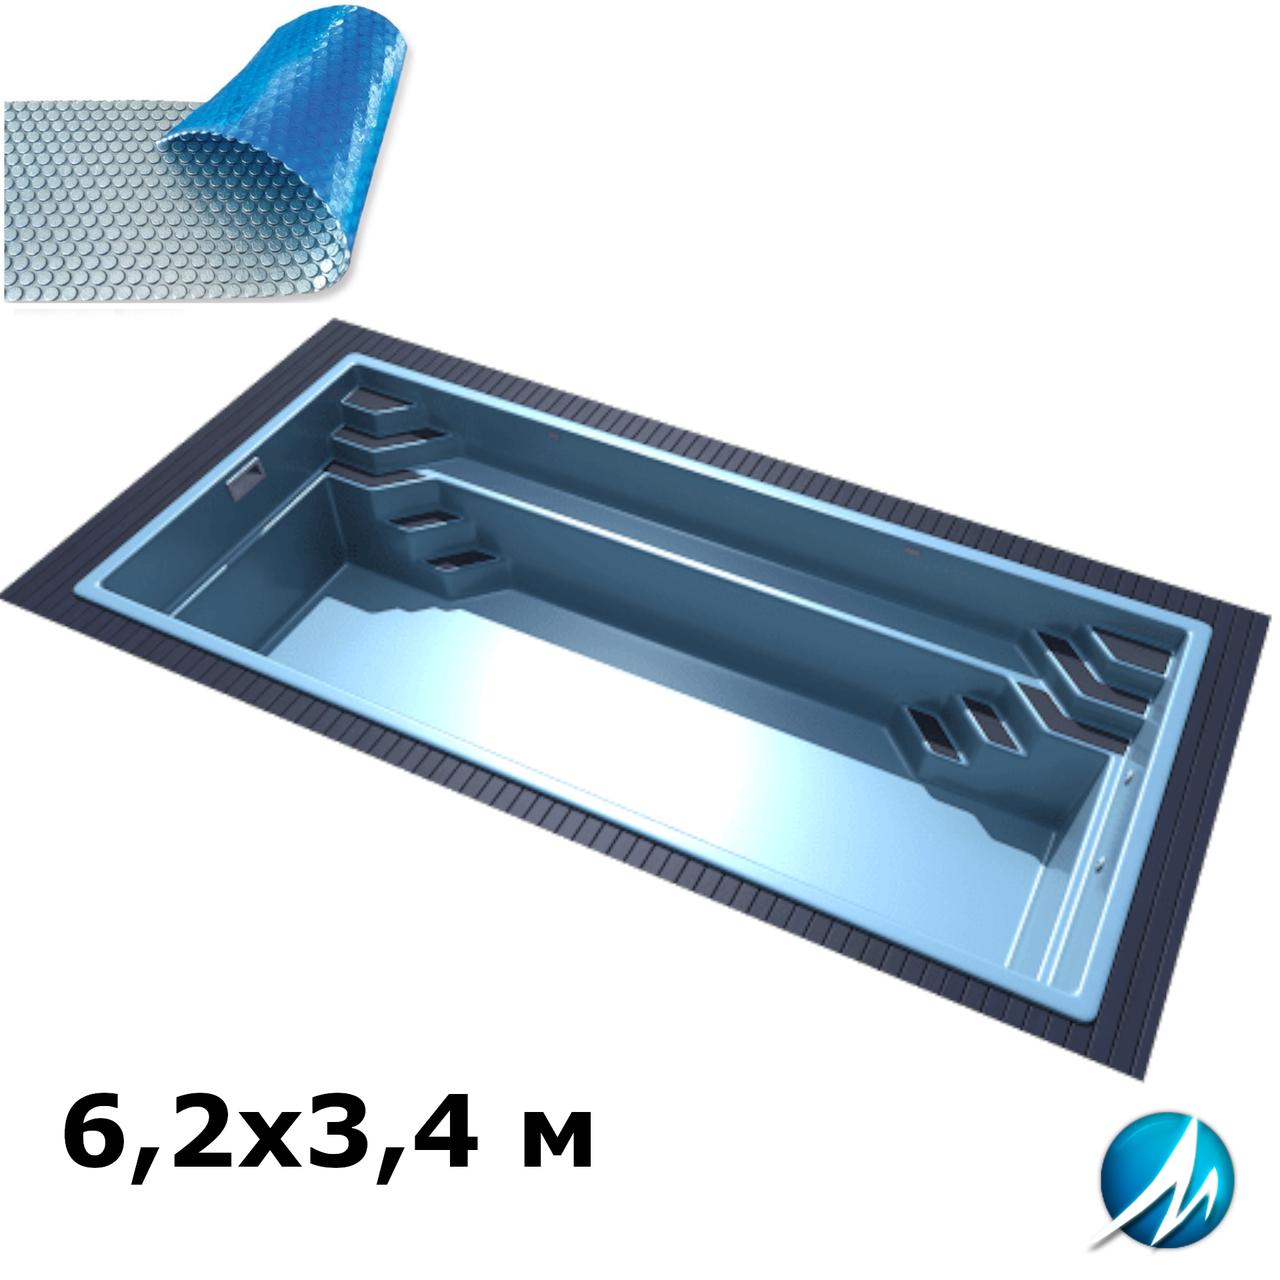 Солярное накрытие для стекловолоконного бассейна 6,2х3,4 м